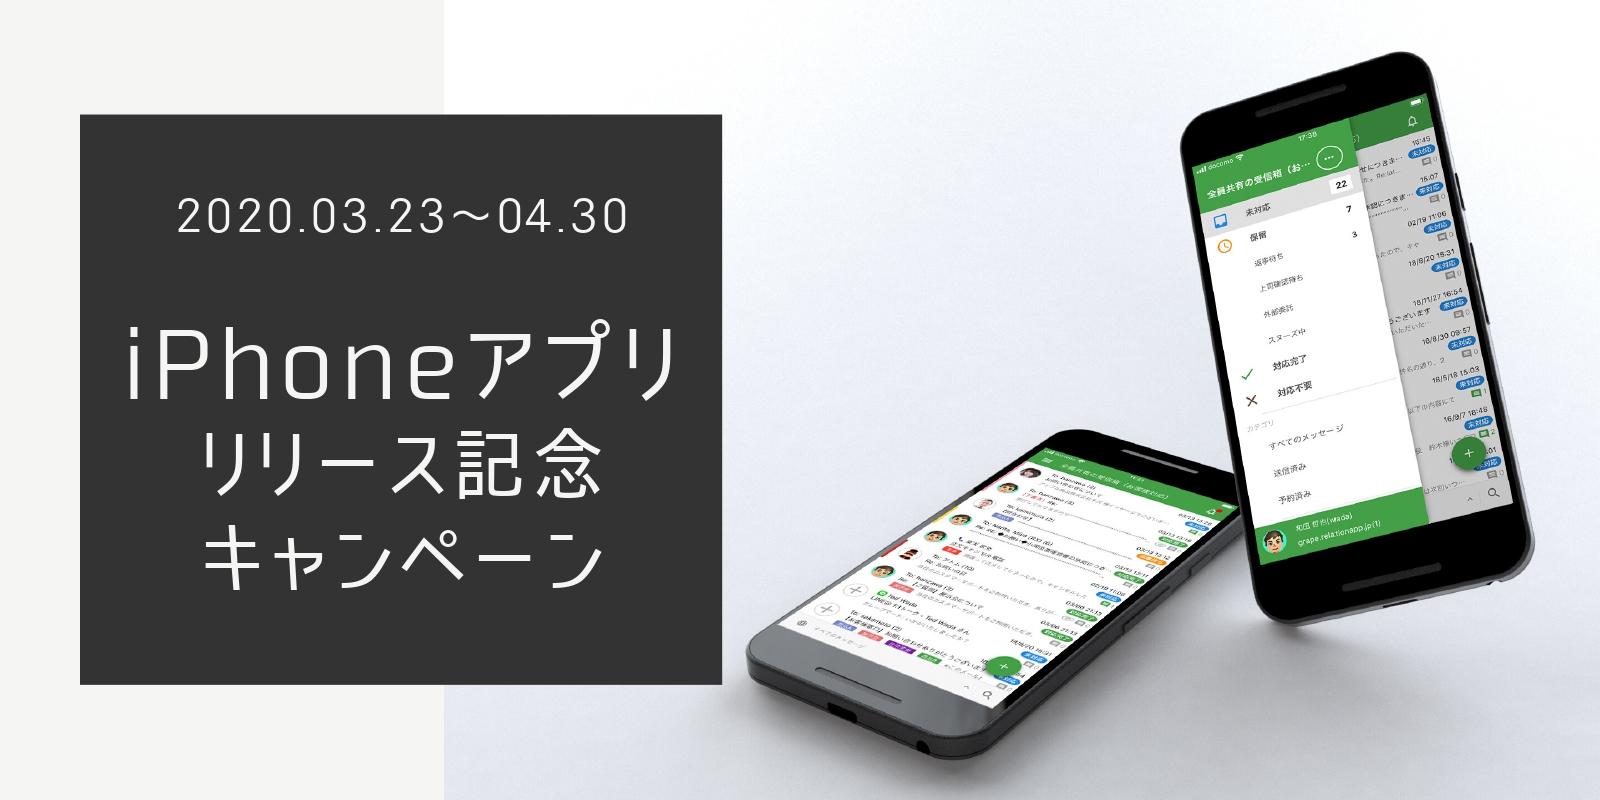 iPhoneアプリリリース記念キャンペーンのお知らせ